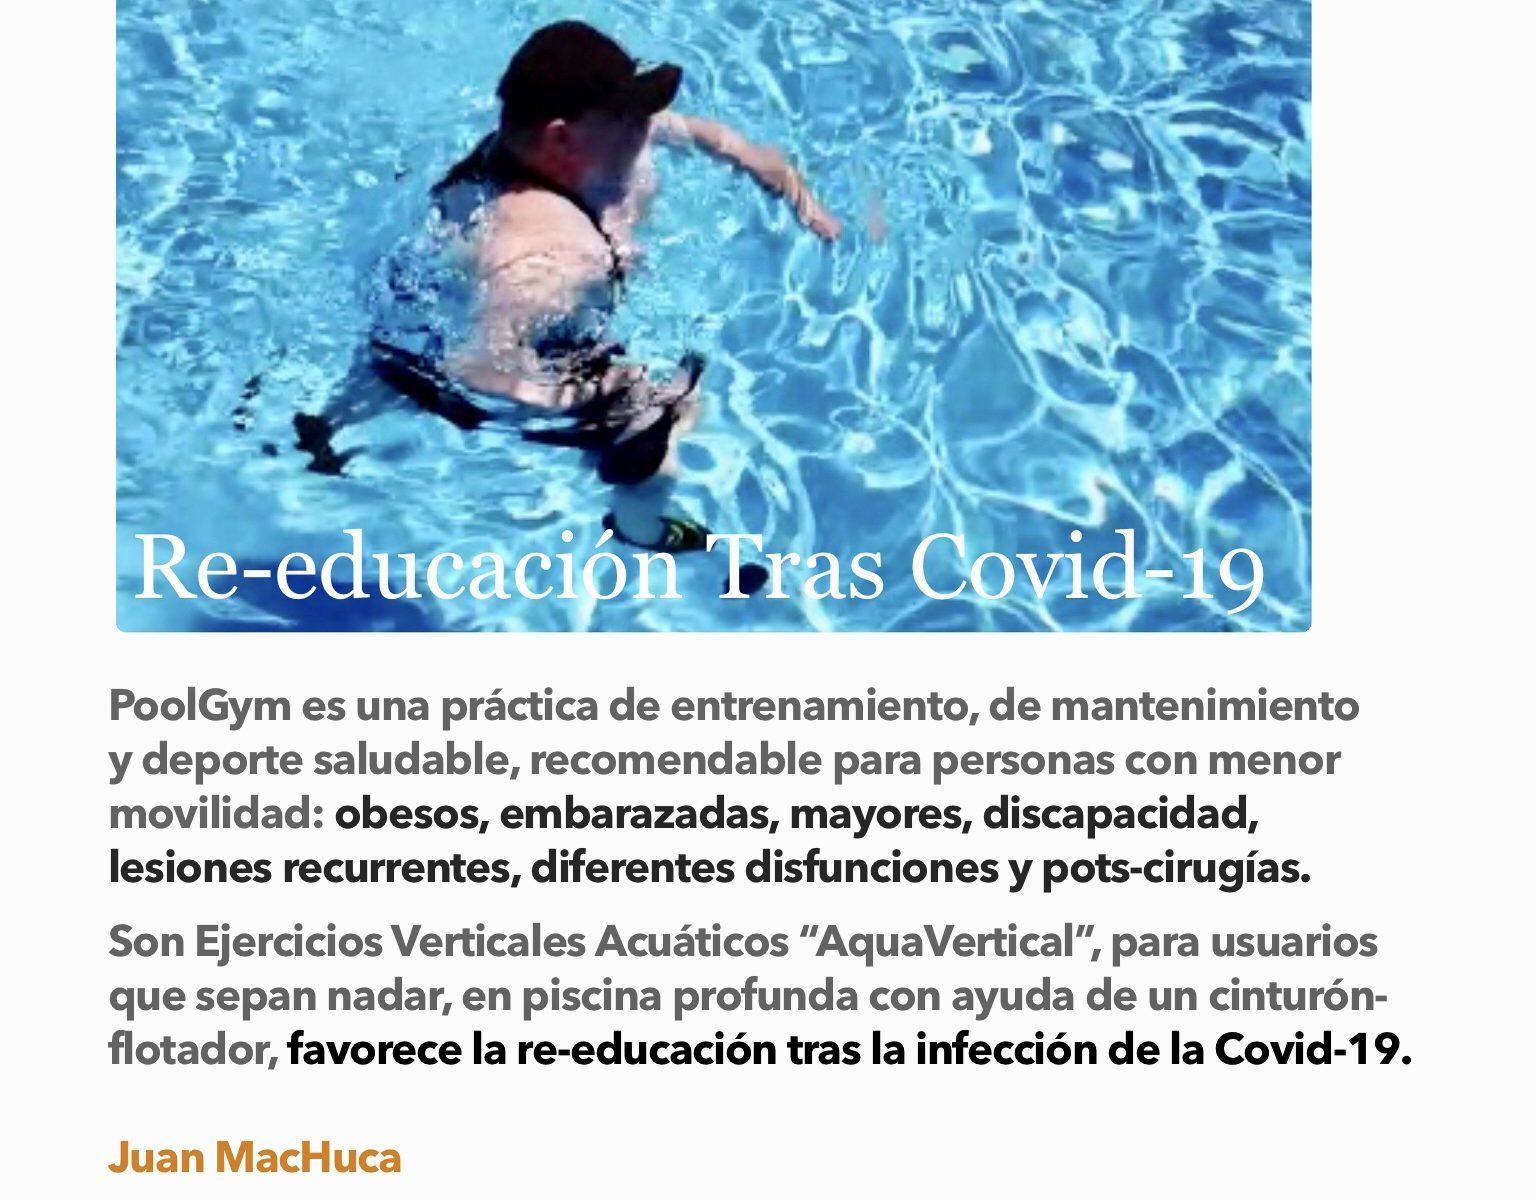 Re-Educación Tras Covid-19